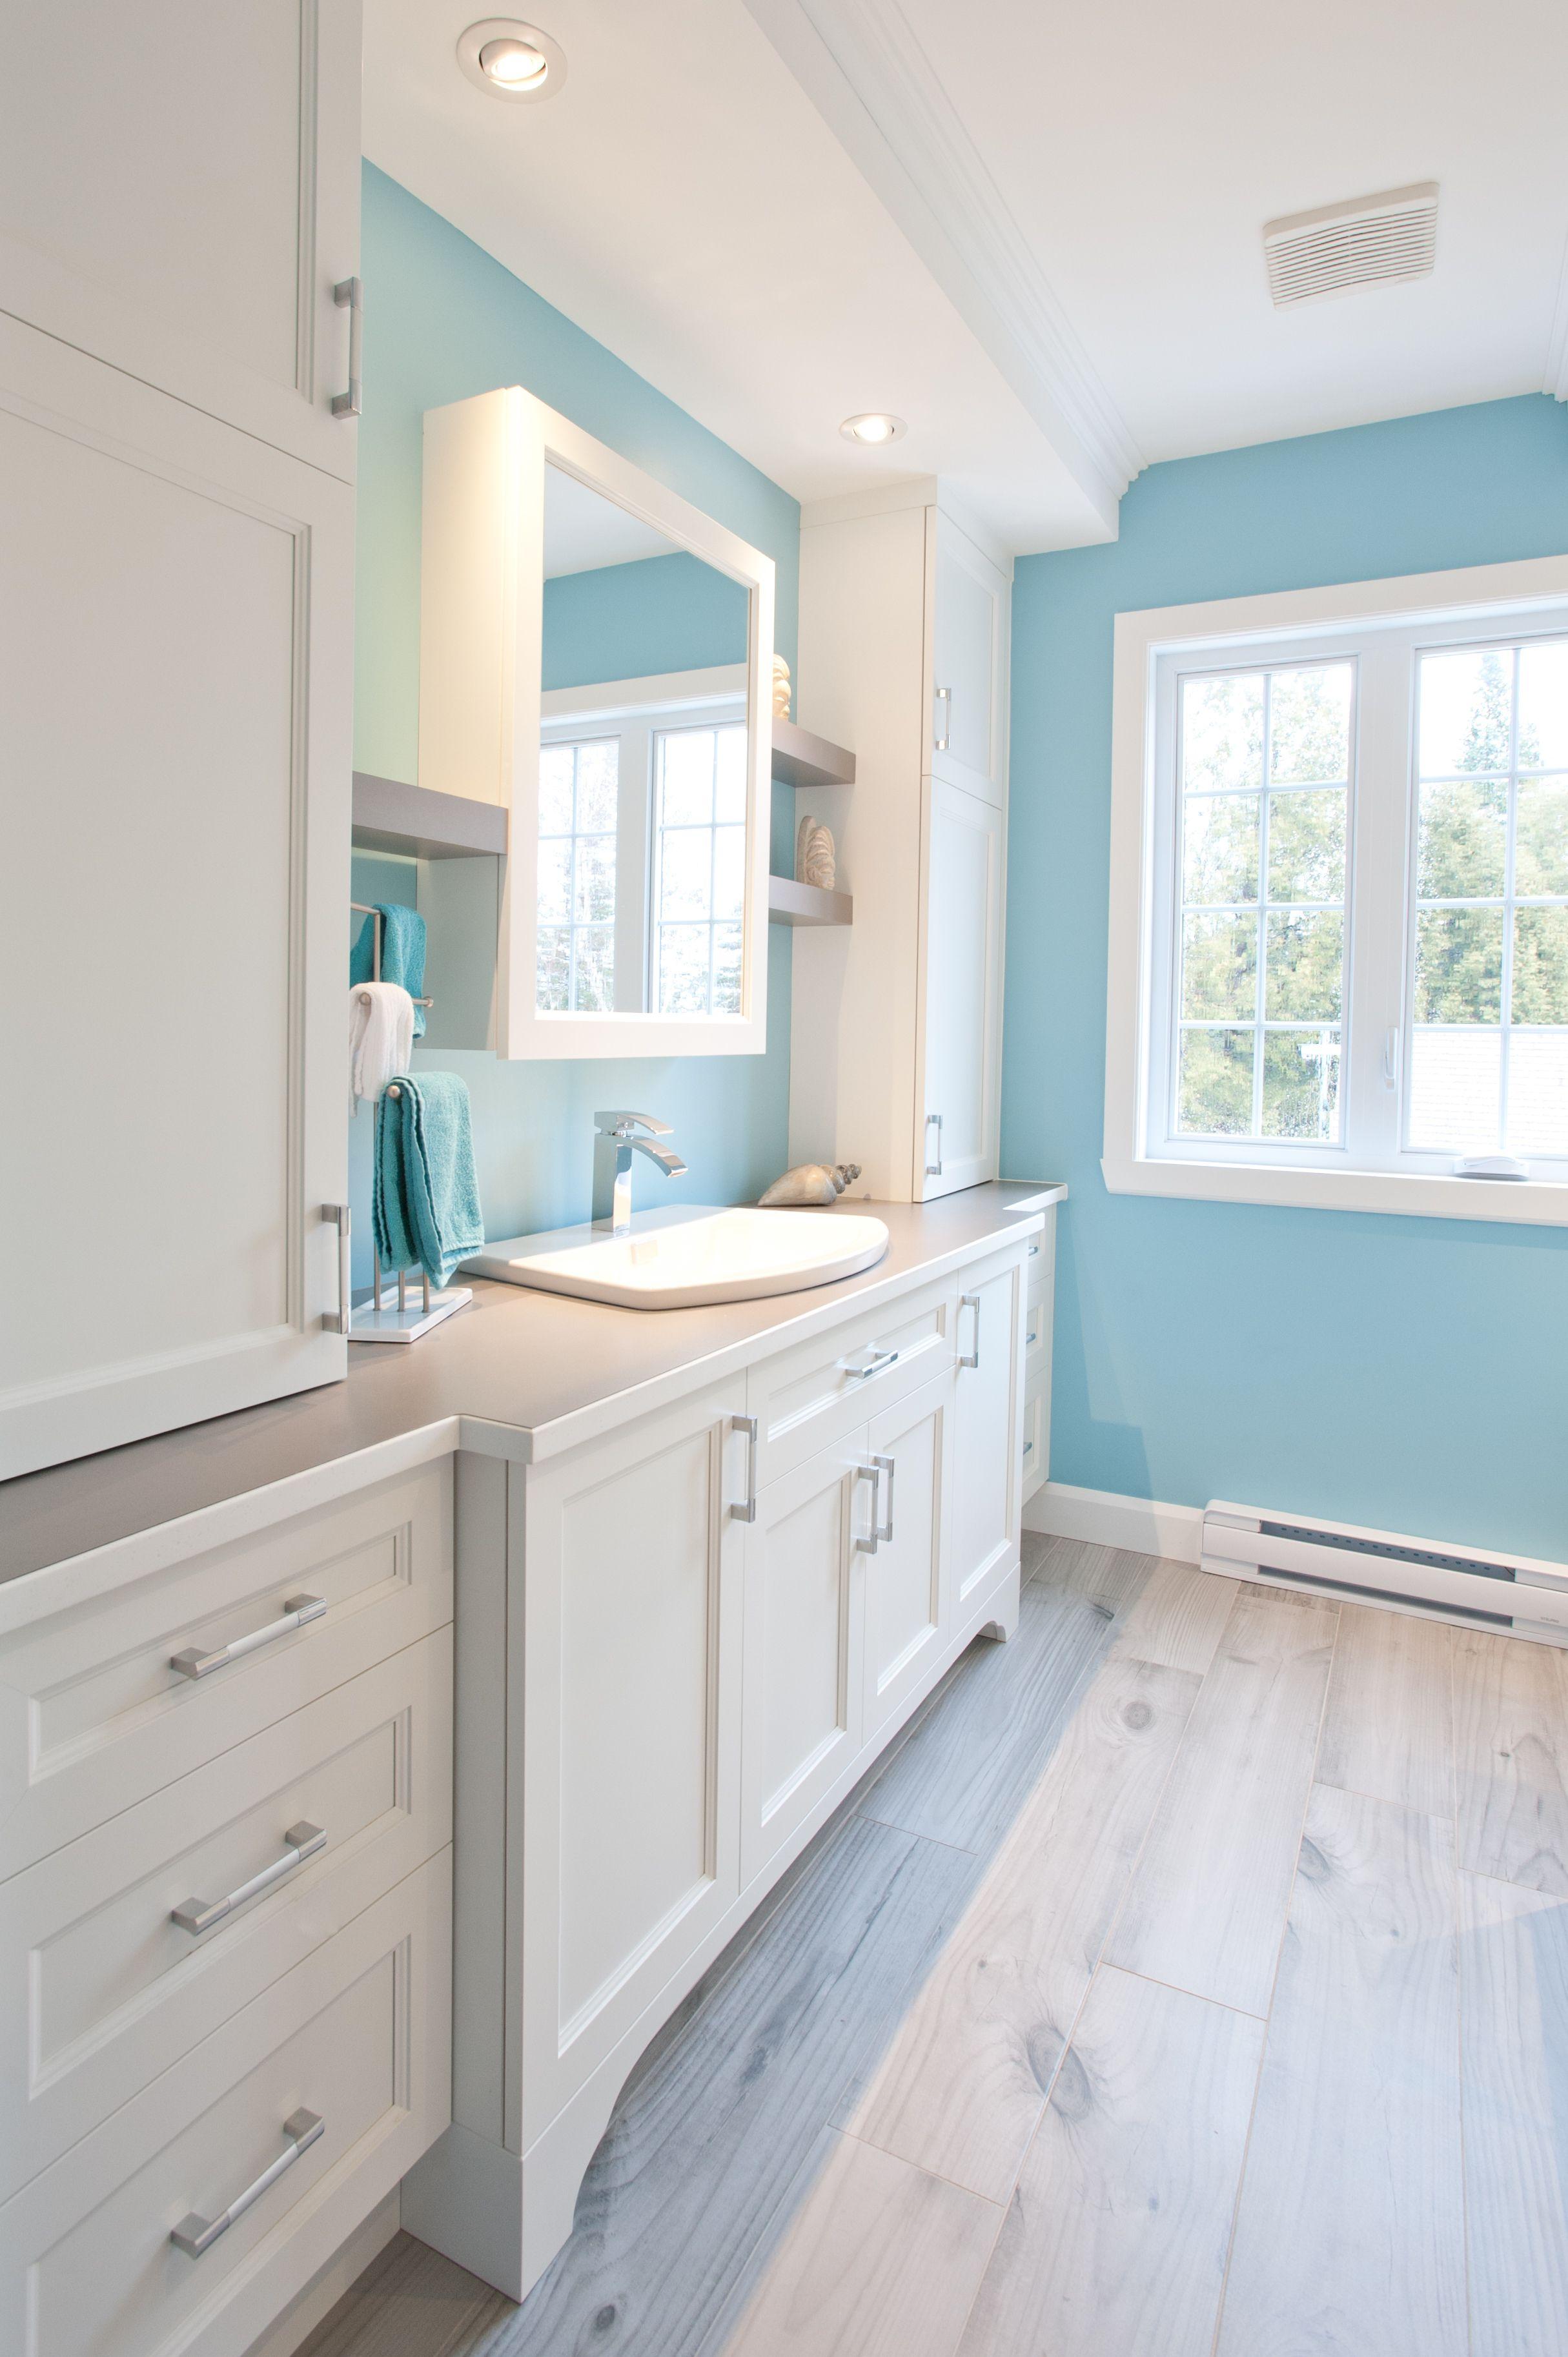 r novation de salle de bain conception d 39 b nisterie vanit sur mesure en bois avec porte en. Black Bedroom Furniture Sets. Home Design Ideas